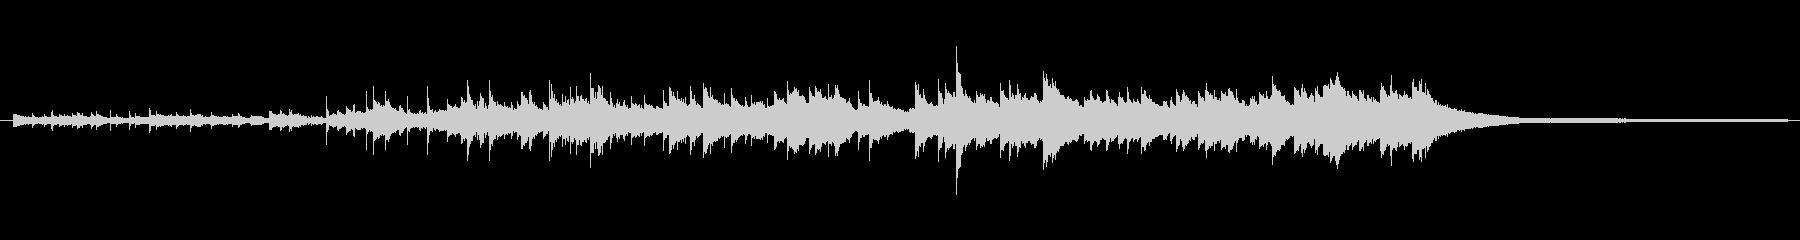 ベルトライアングルリングロールbの未再生の波形